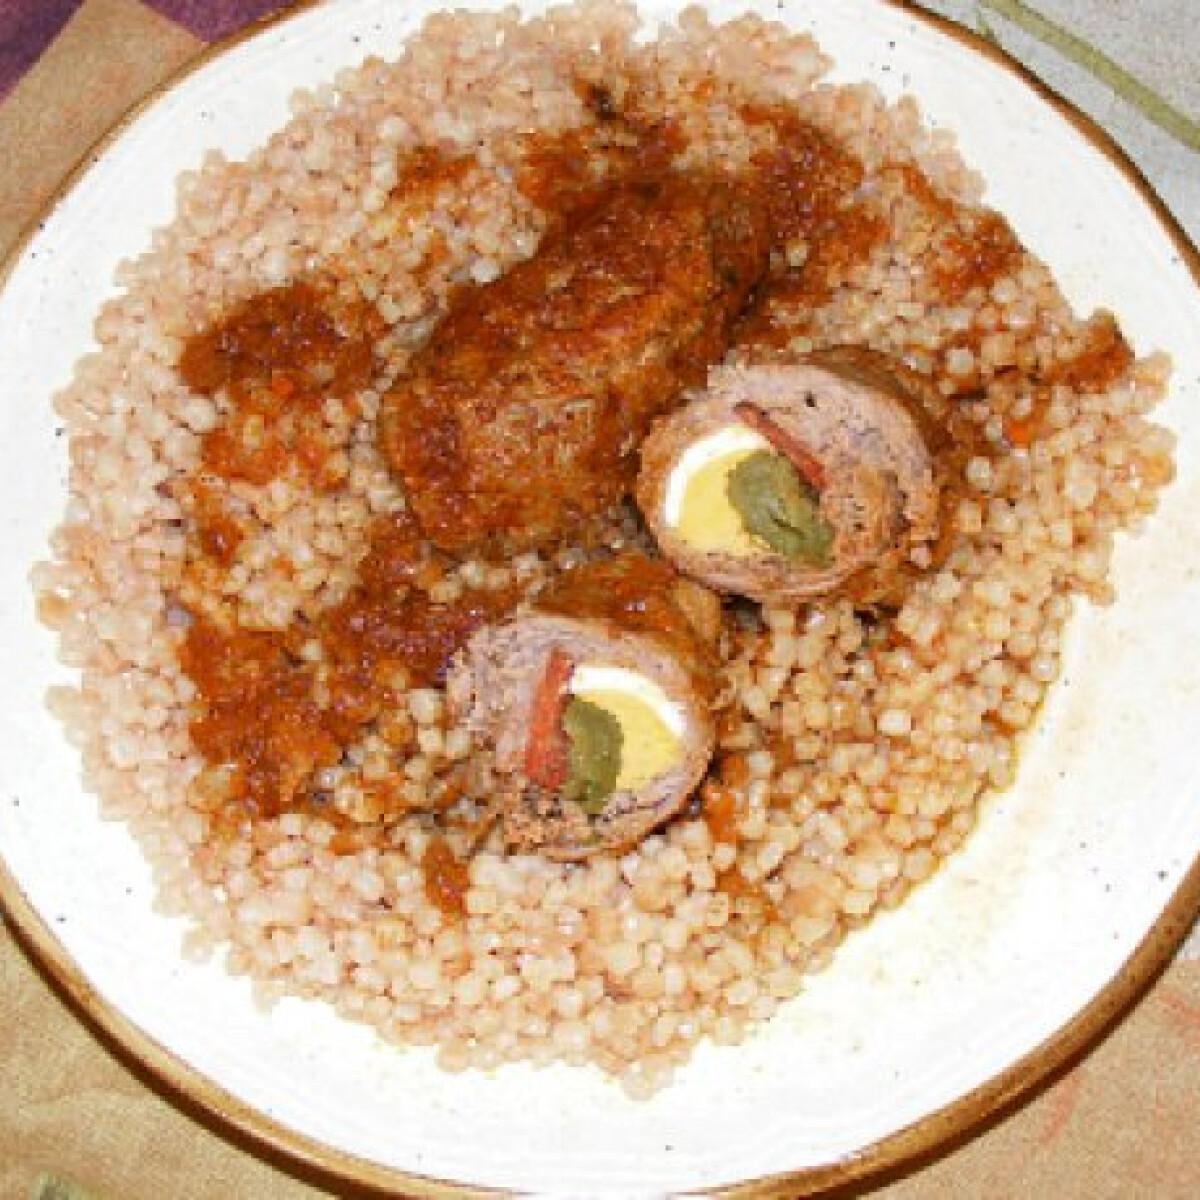 Uborkás-kolbászos töltött hús